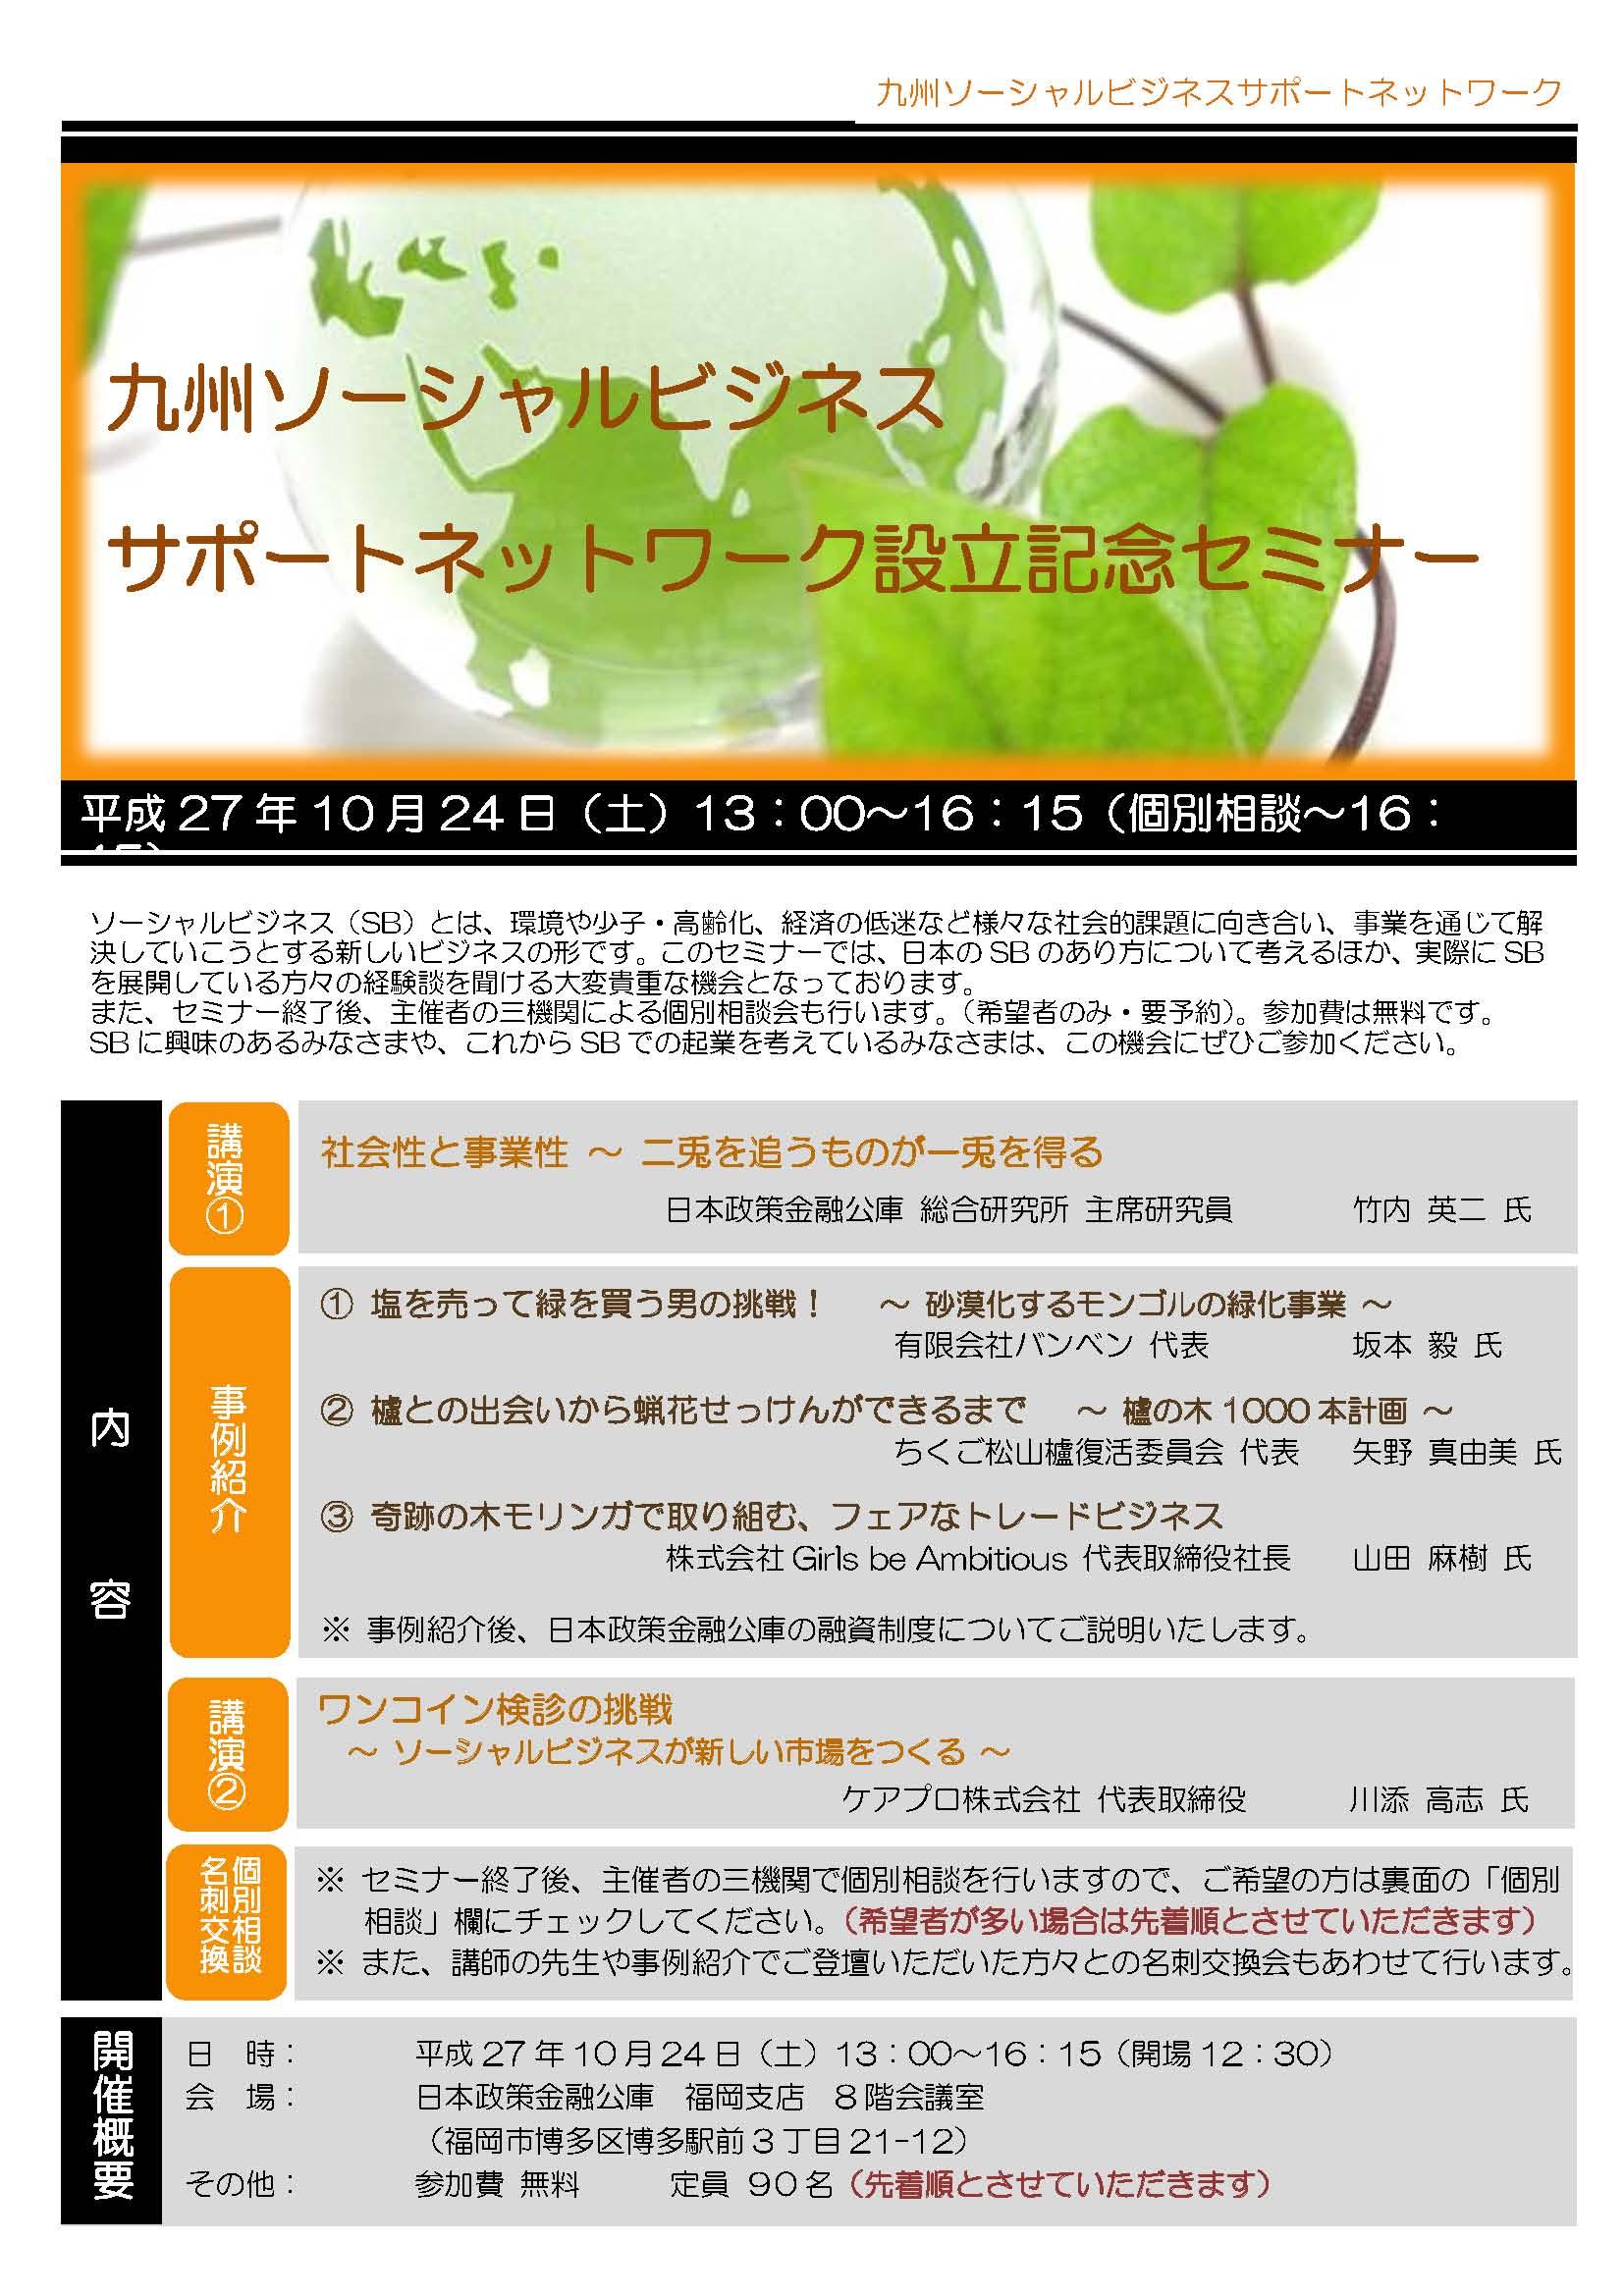 """平成27年10月24日(土)九州ソーシャルビジネスサポートネットワーク設立記念セミナーの写真です"""""""